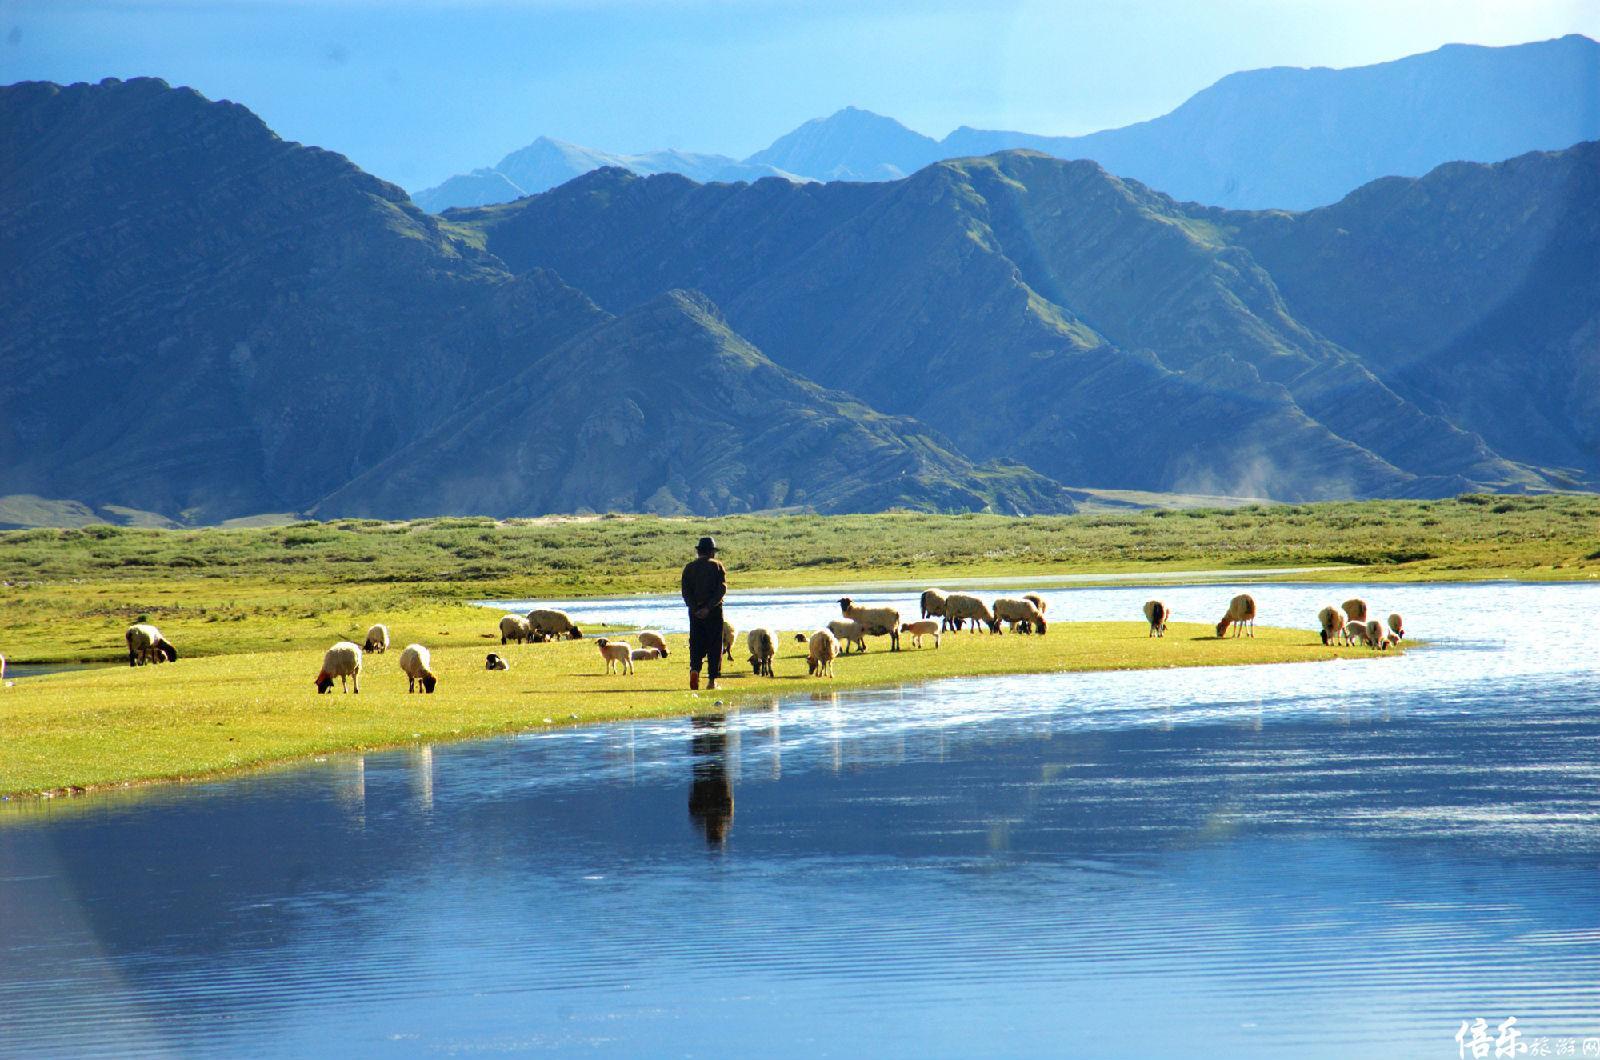 千山之巅, 万水之源,有着传统的文化信仰,是藏羚羊的摇篮,牦牛的乐园。